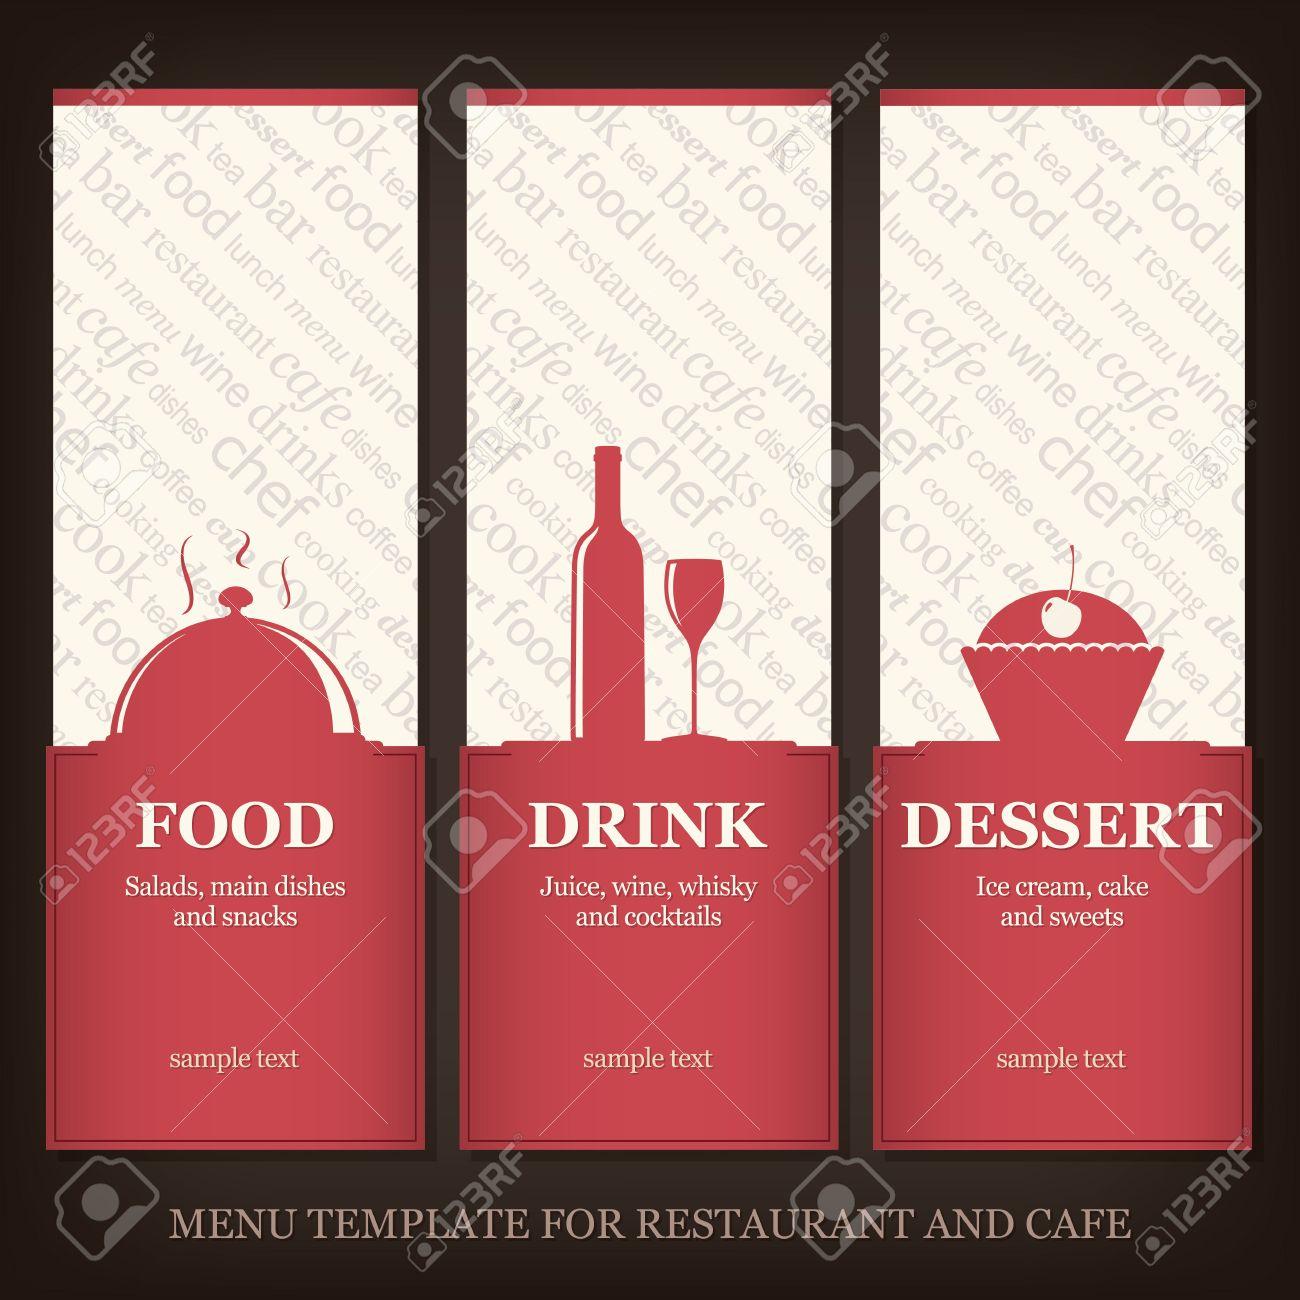 Menú Plantilla Para Restaurante Y Cafetería Ilustraciones ...